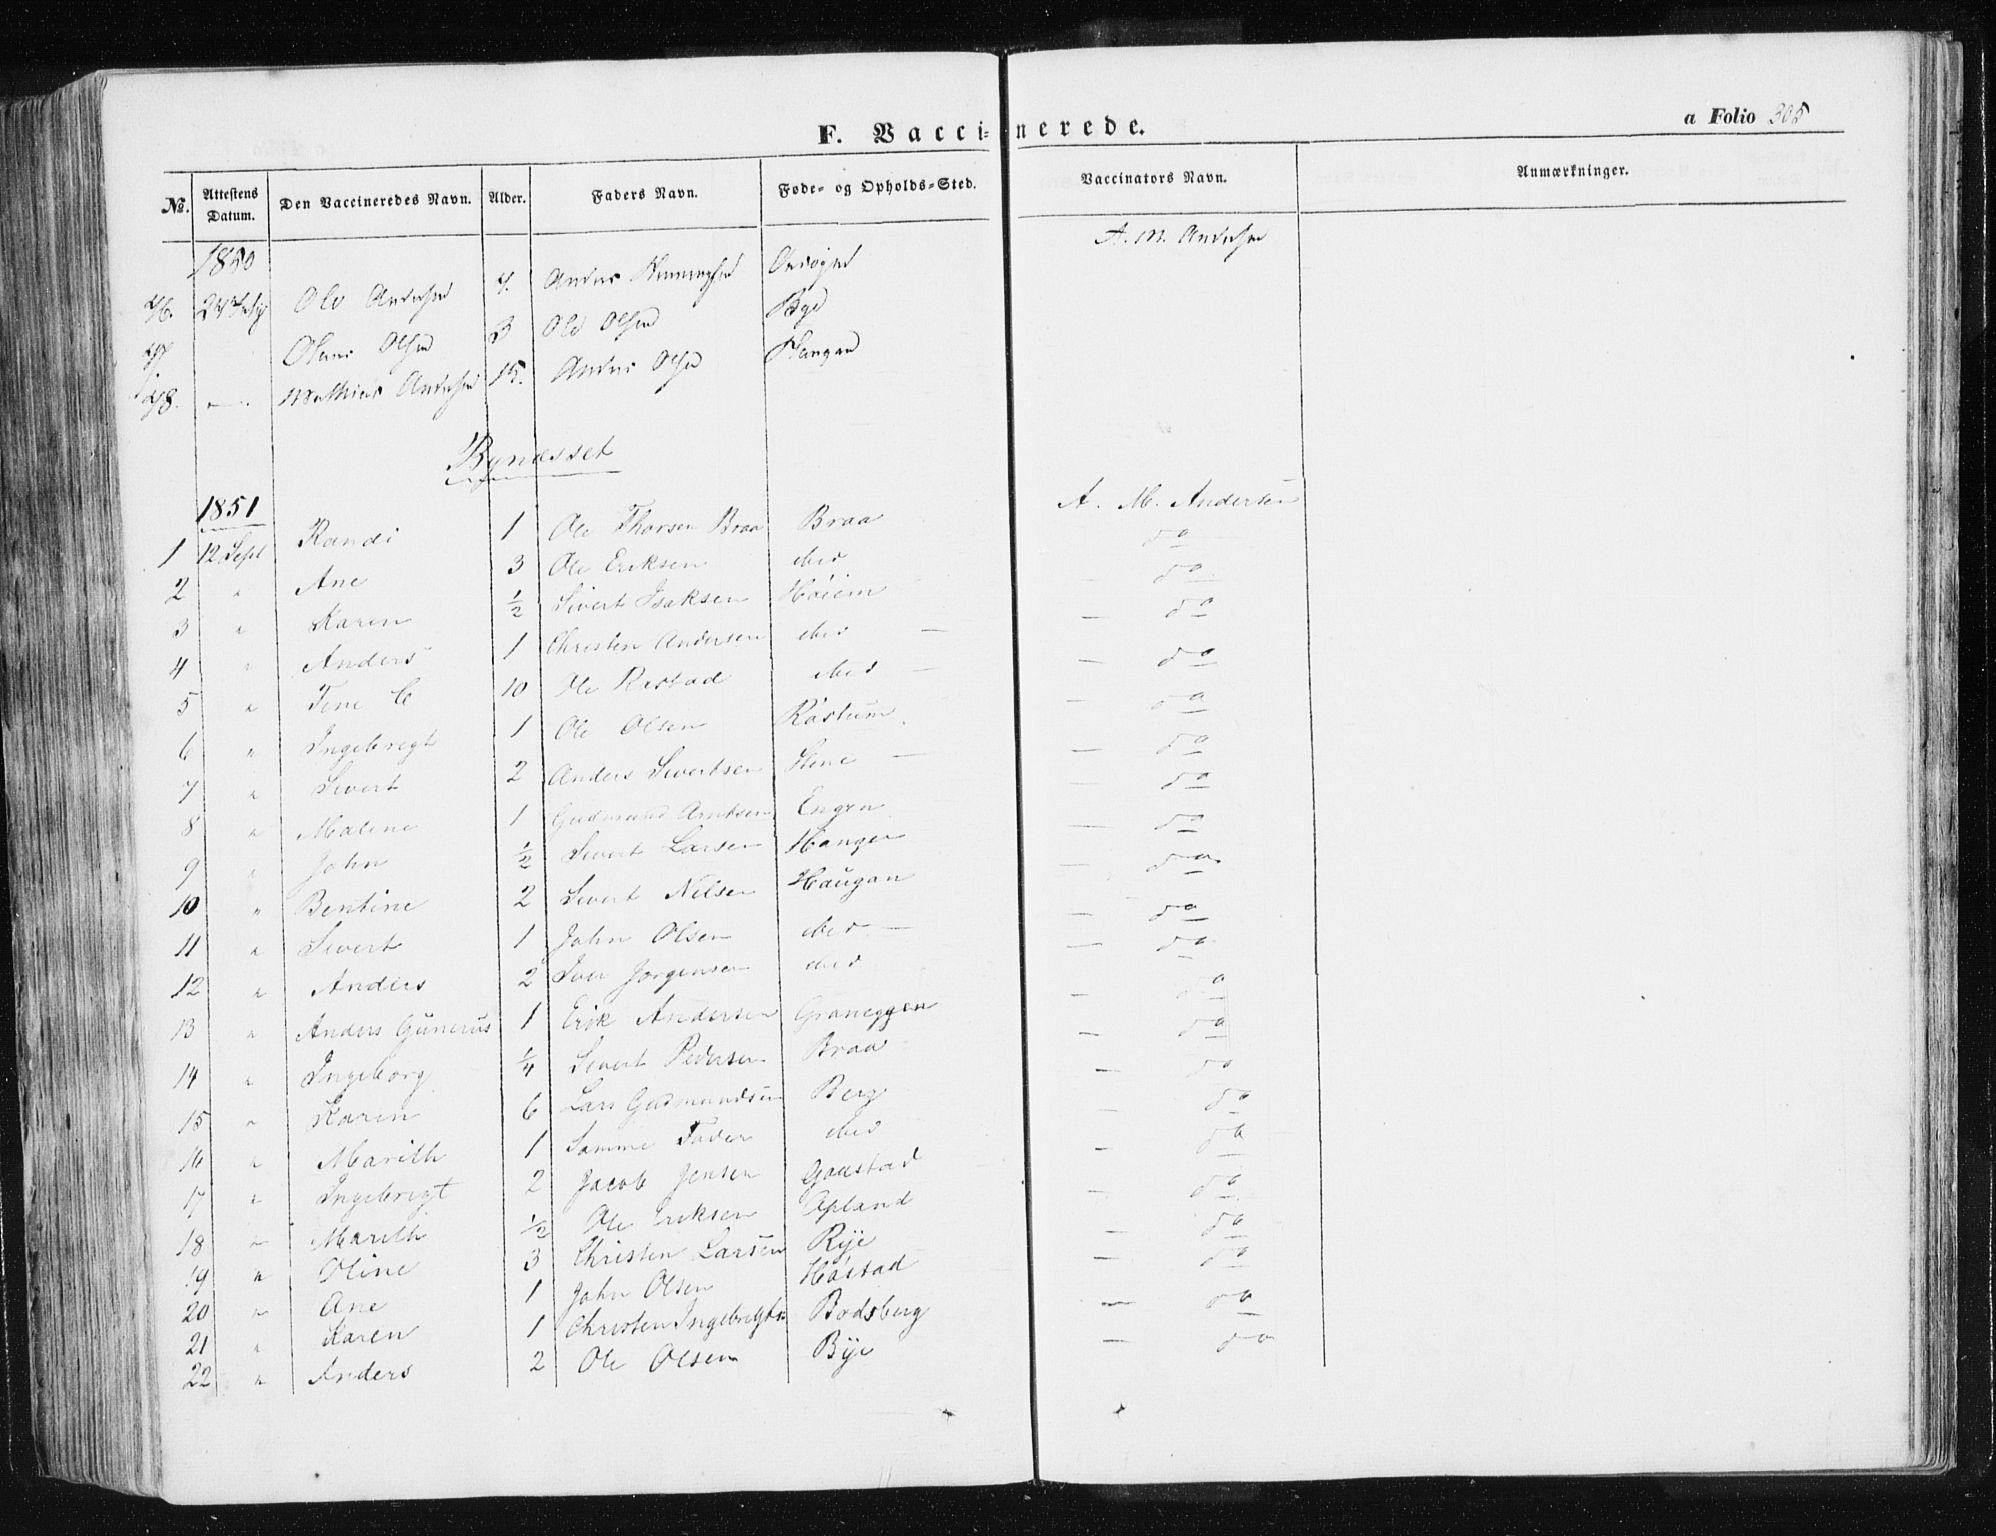 SAT, Ministerialprotokoller, klokkerbøker og fødselsregistre - Sør-Trøndelag, 612/L0376: Ministerialbok nr. 612A08, 1846-1859, s. 305